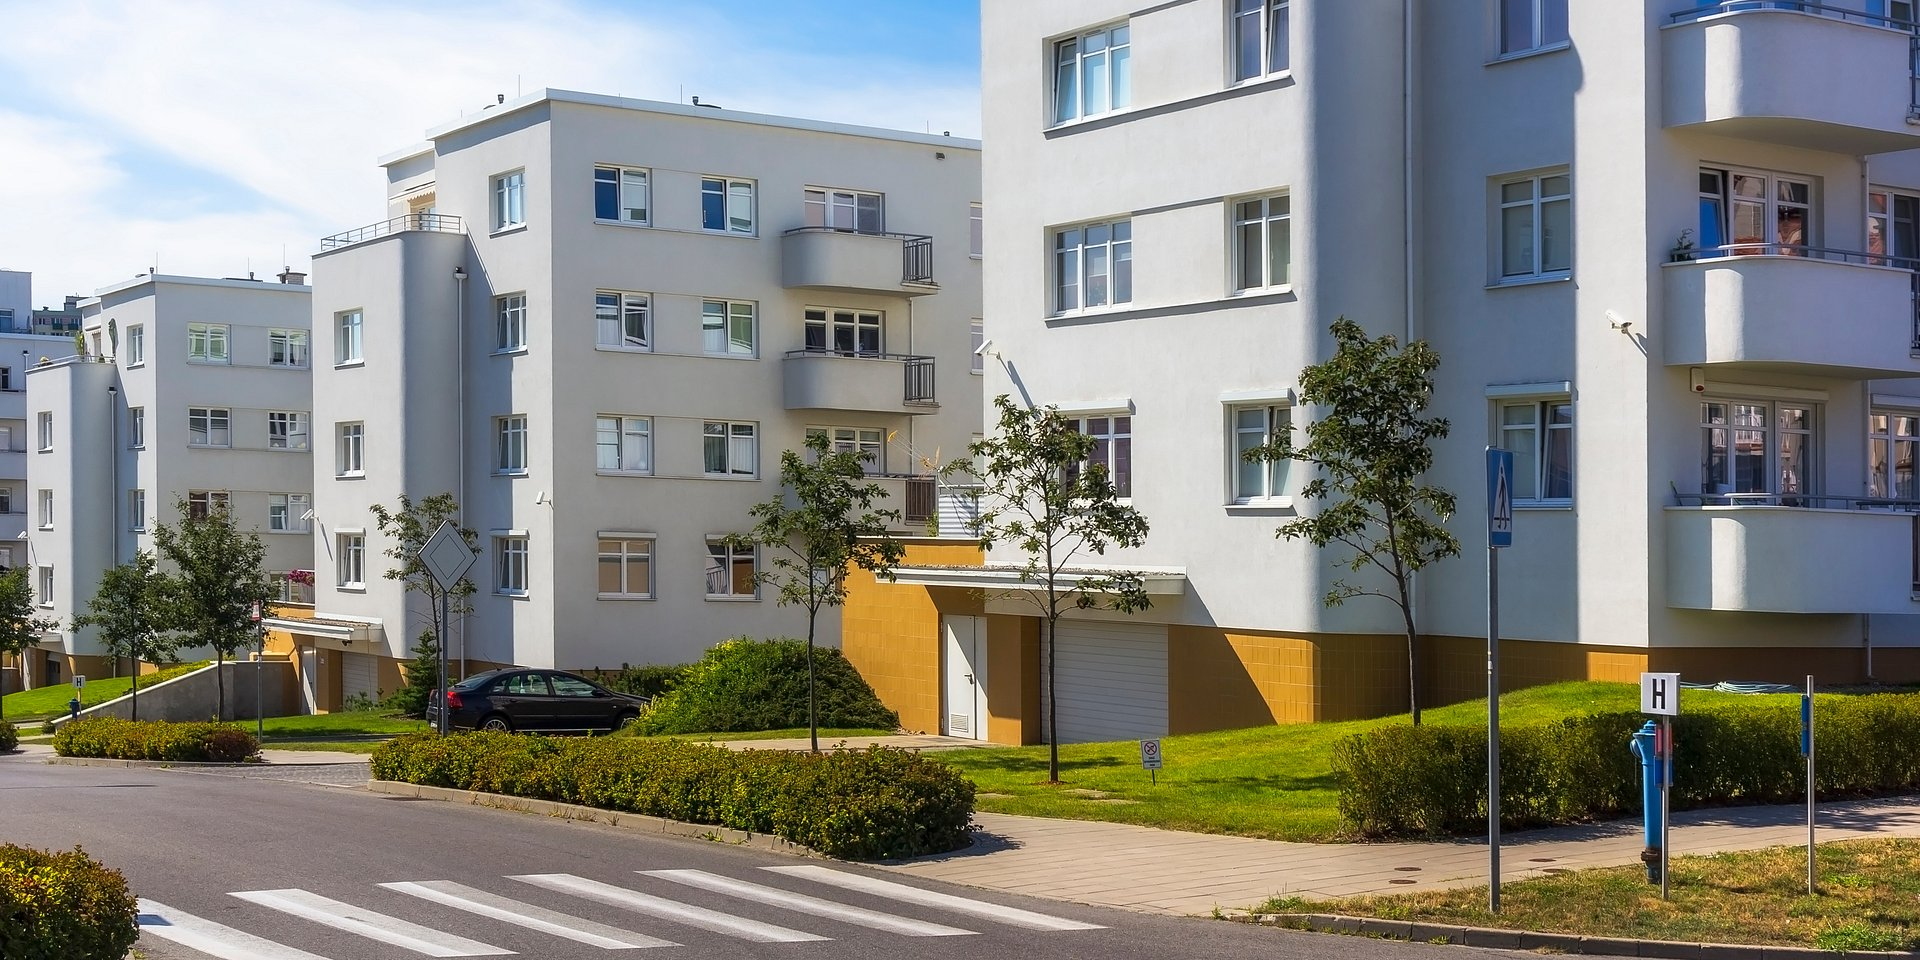 Prawie 300 nowych mieszkań na Pomorzu Zachodnim. BGK publikuje wyniki naboru